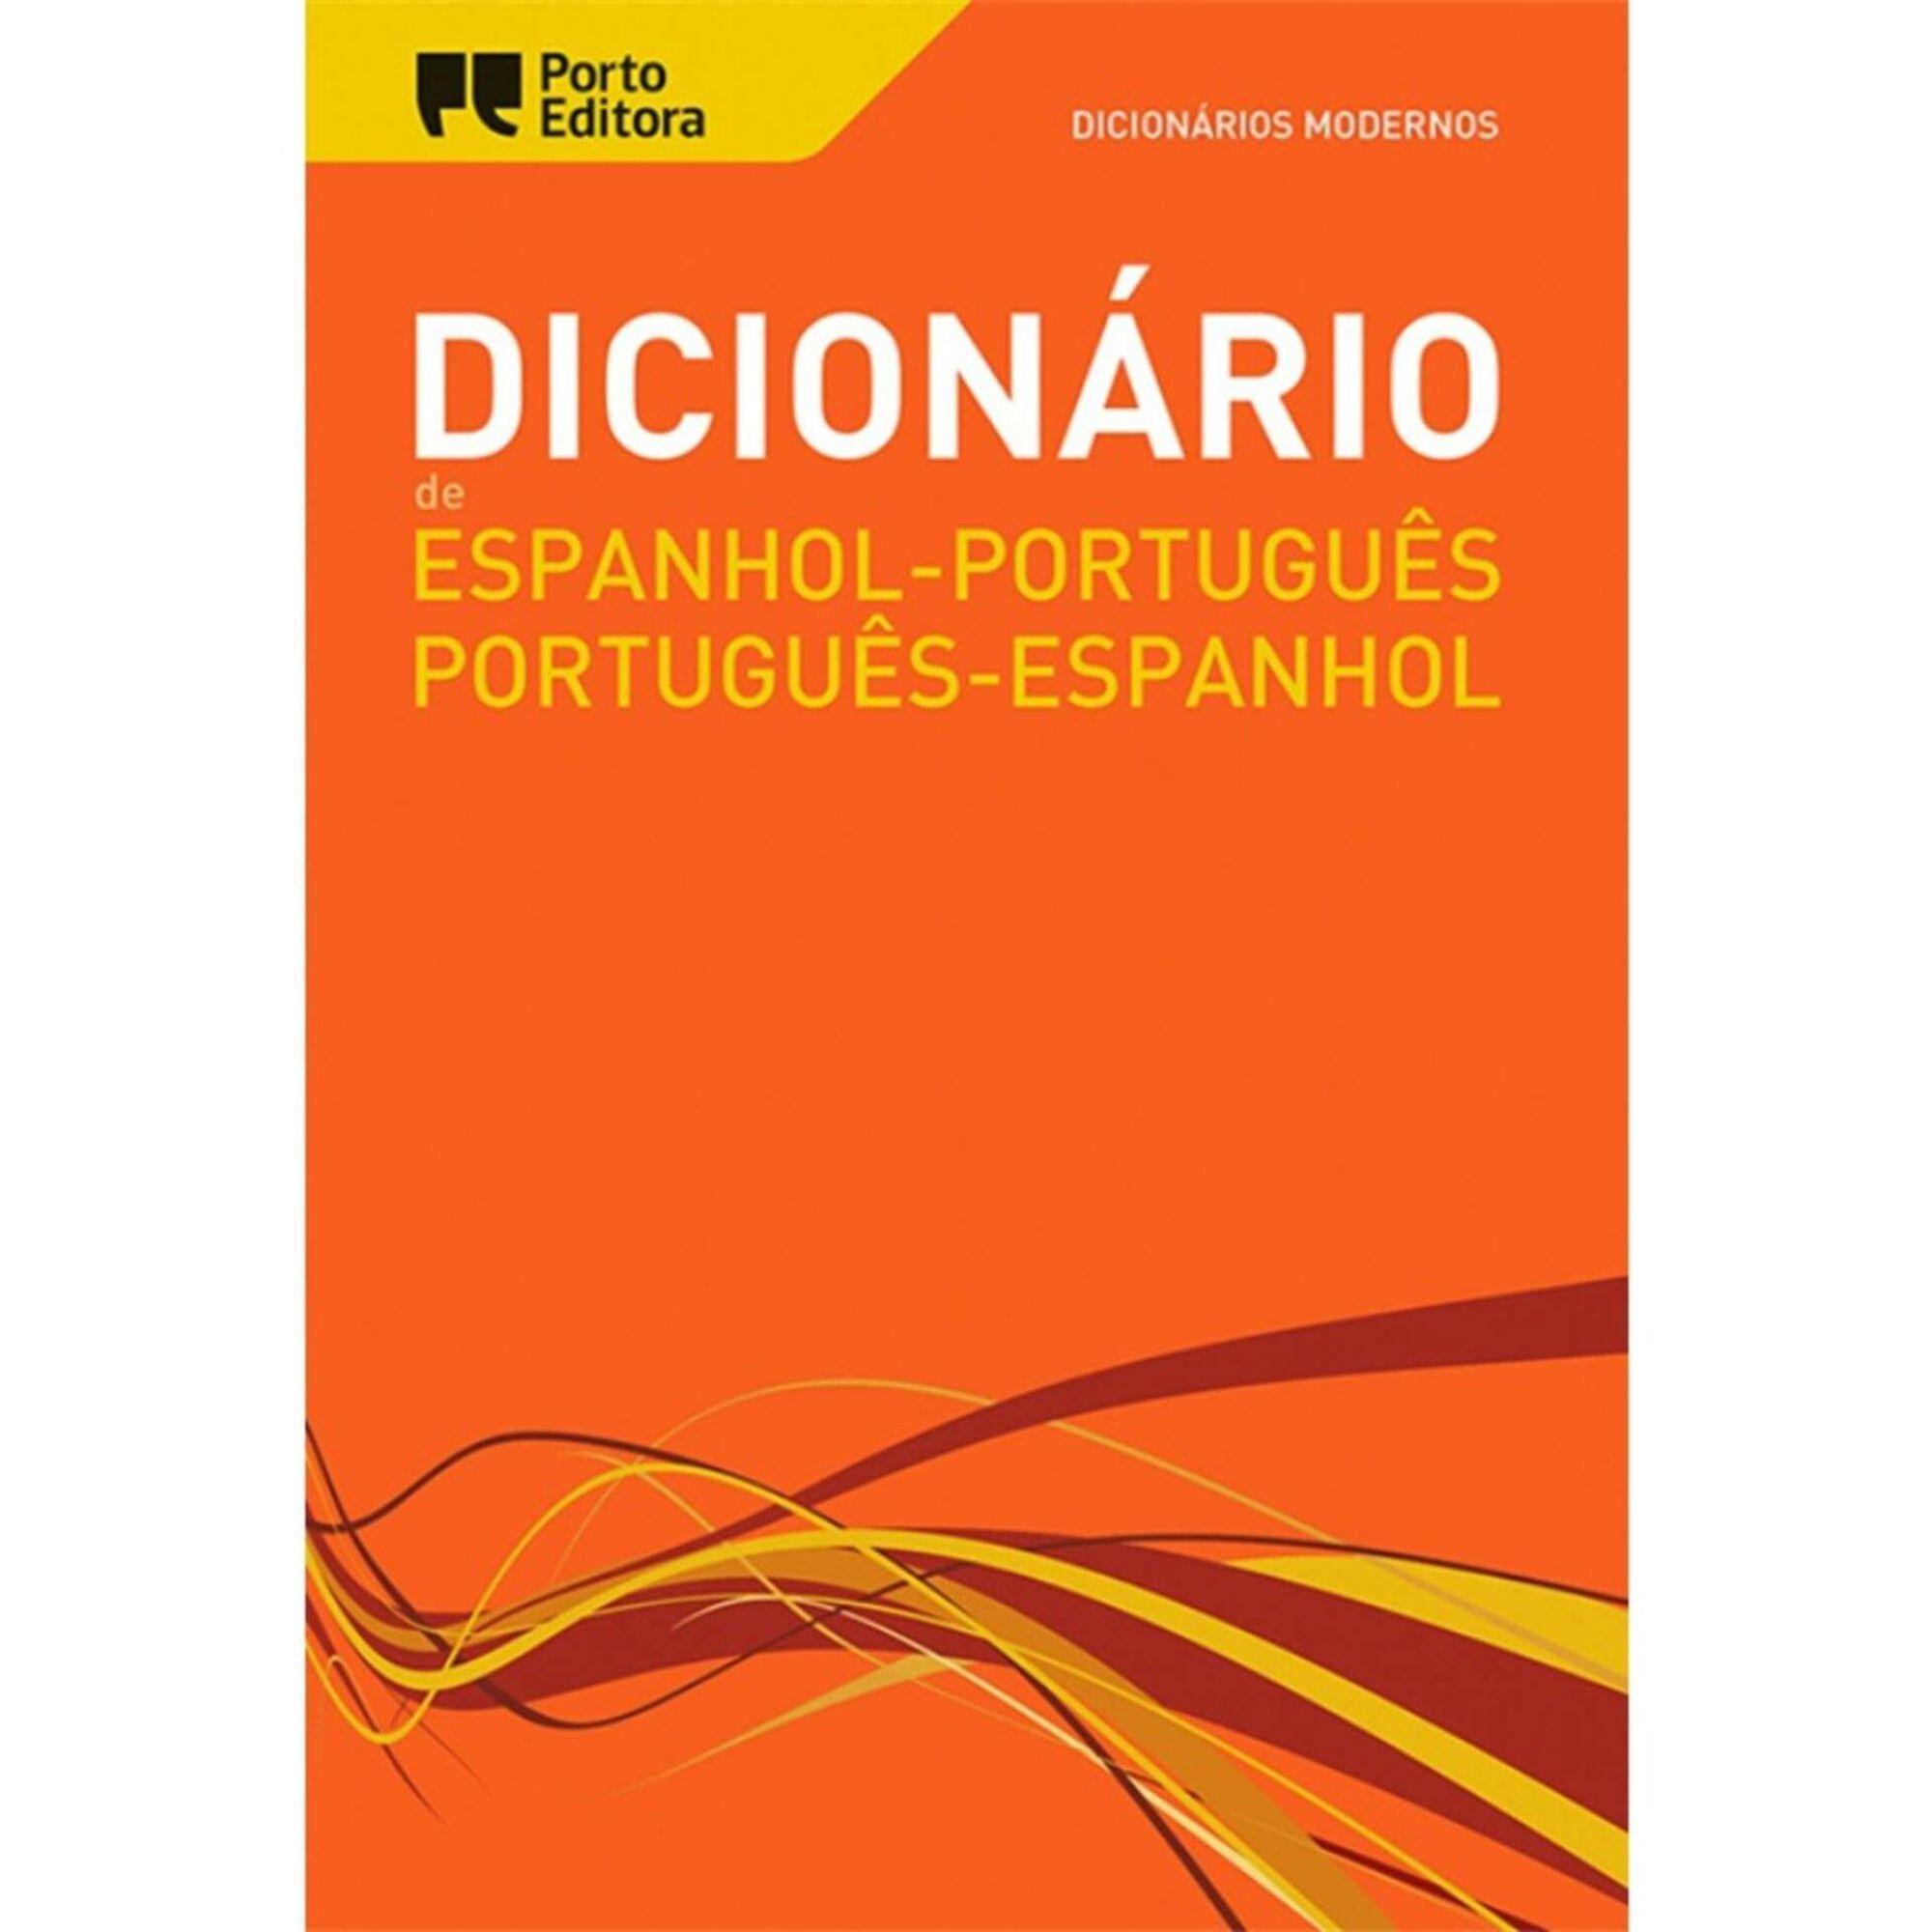 Dicionário Moderno Português-Espanhol/Espanhol-Português